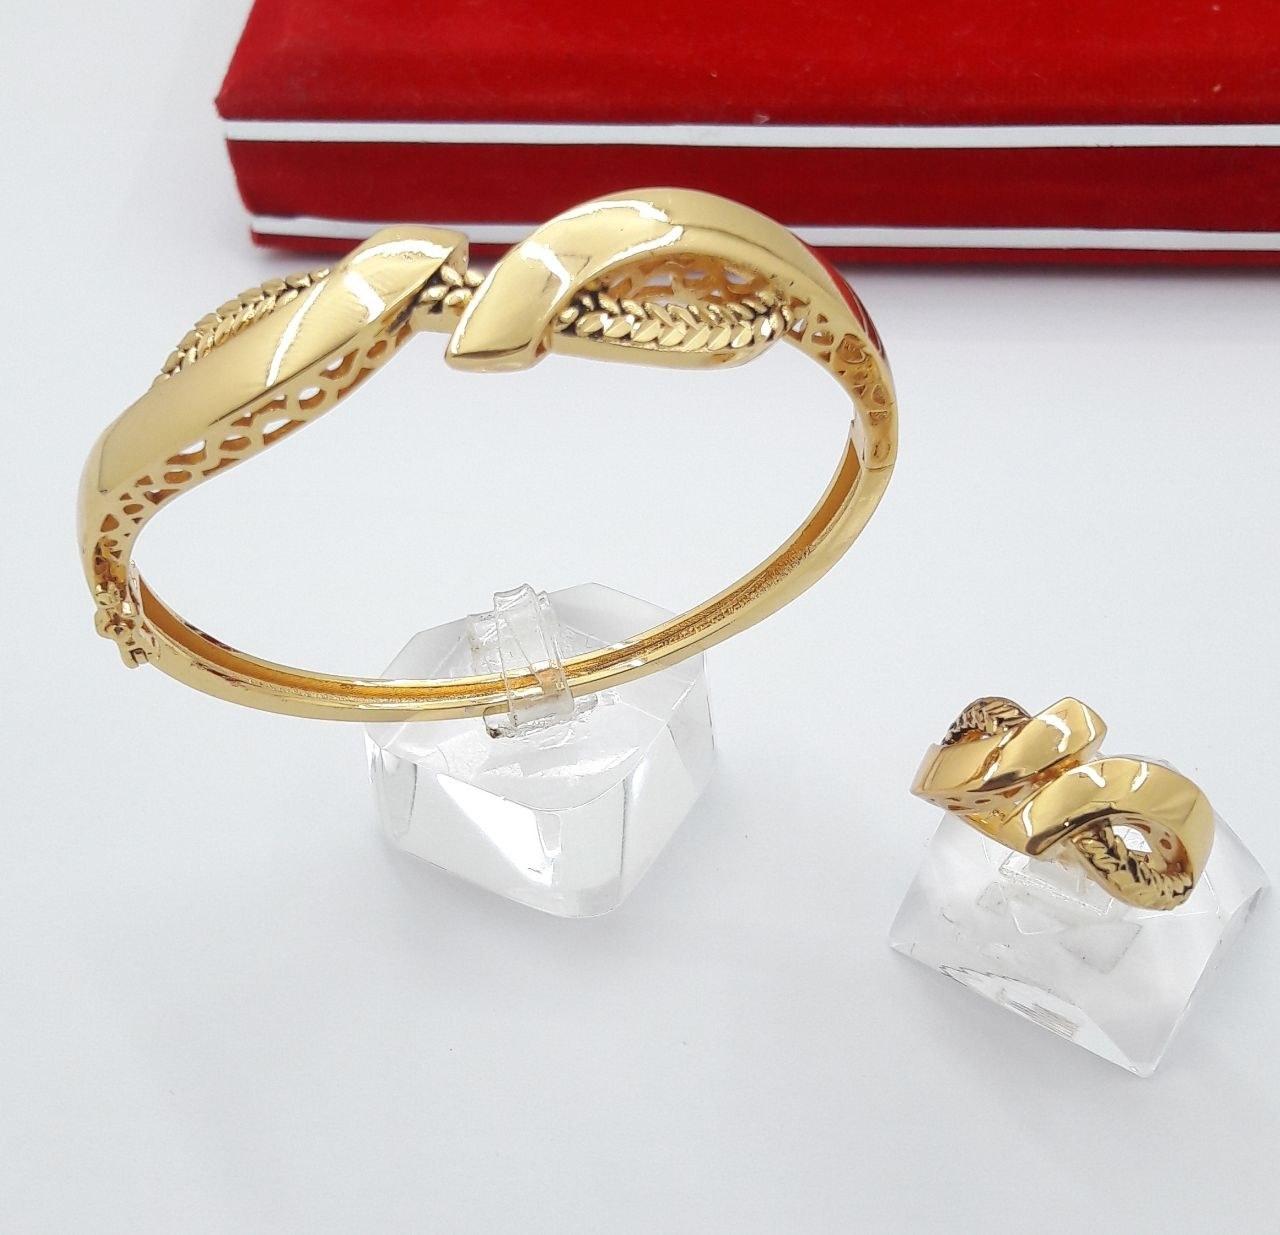 عکس ست دستبند و انگشتر طرح طلا  ست-دستبند-و-انگشتر-طرح-طلا